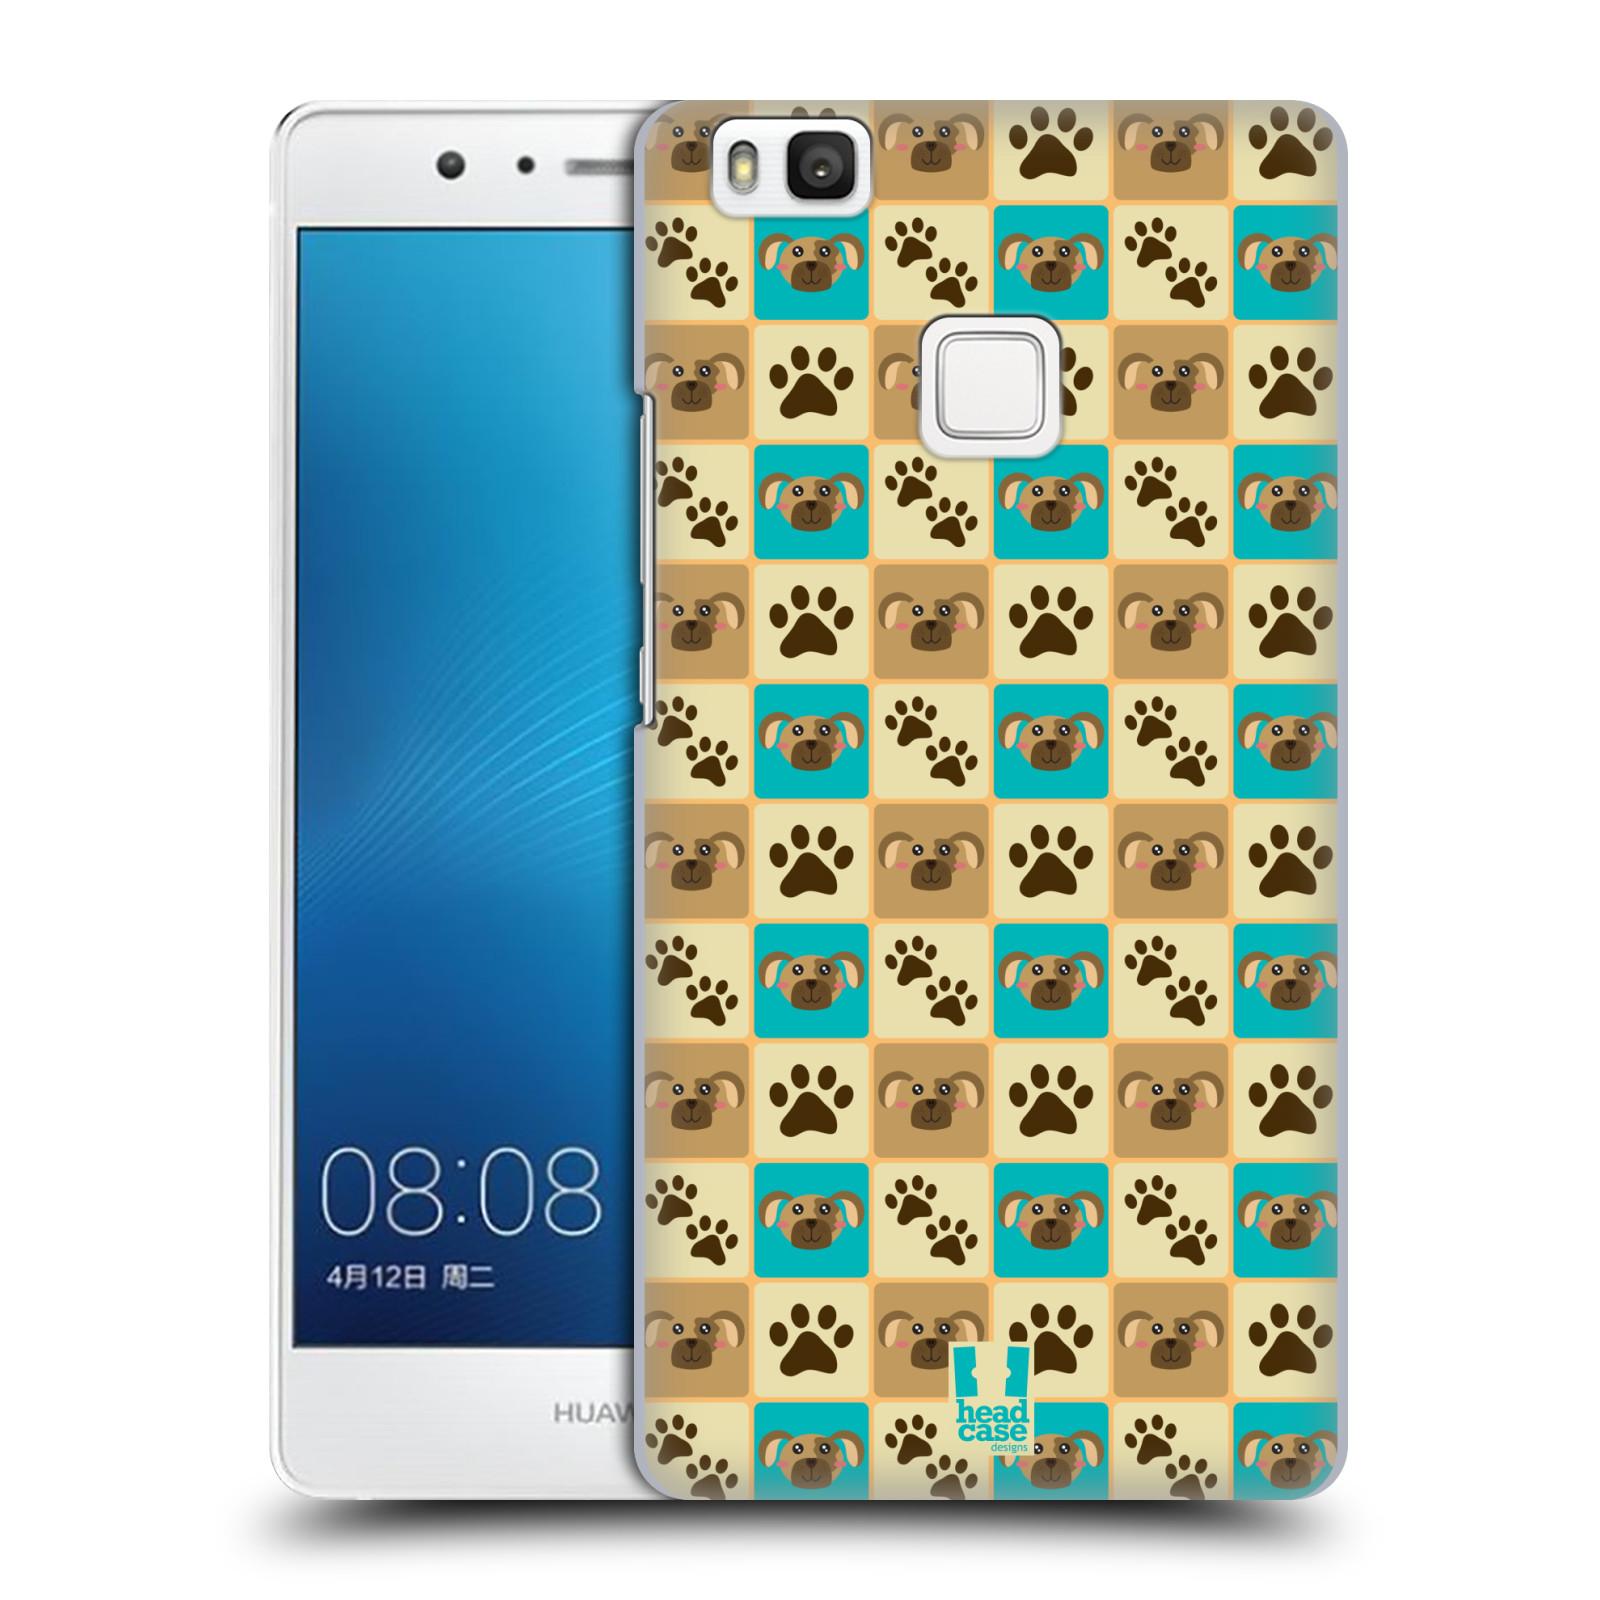 HEAD CASE plastový obal na mobil Huawei P9 LITE / P9 LITE DUAL SIM vzor Zvířecí razítka PSÍ TLAPKA